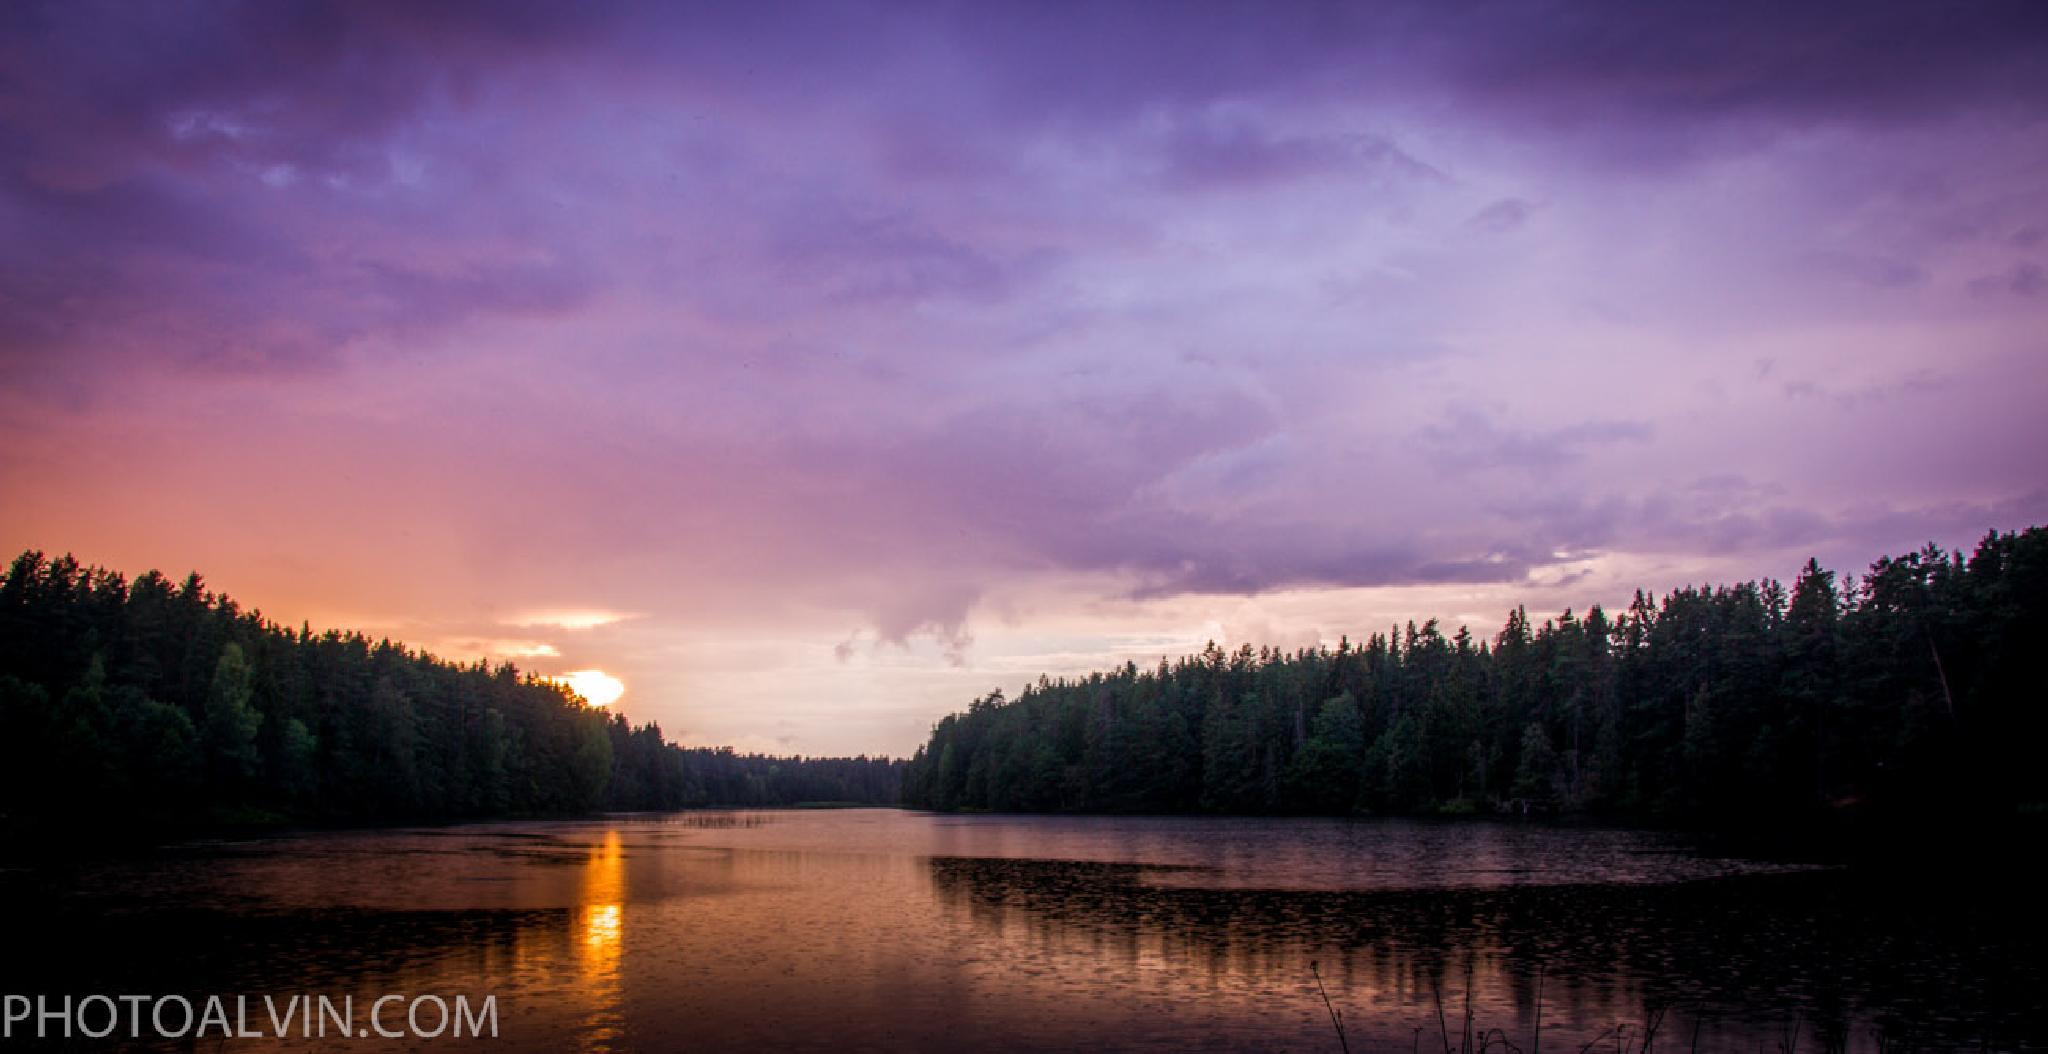 Rainy sunset by PHOTOALVIN